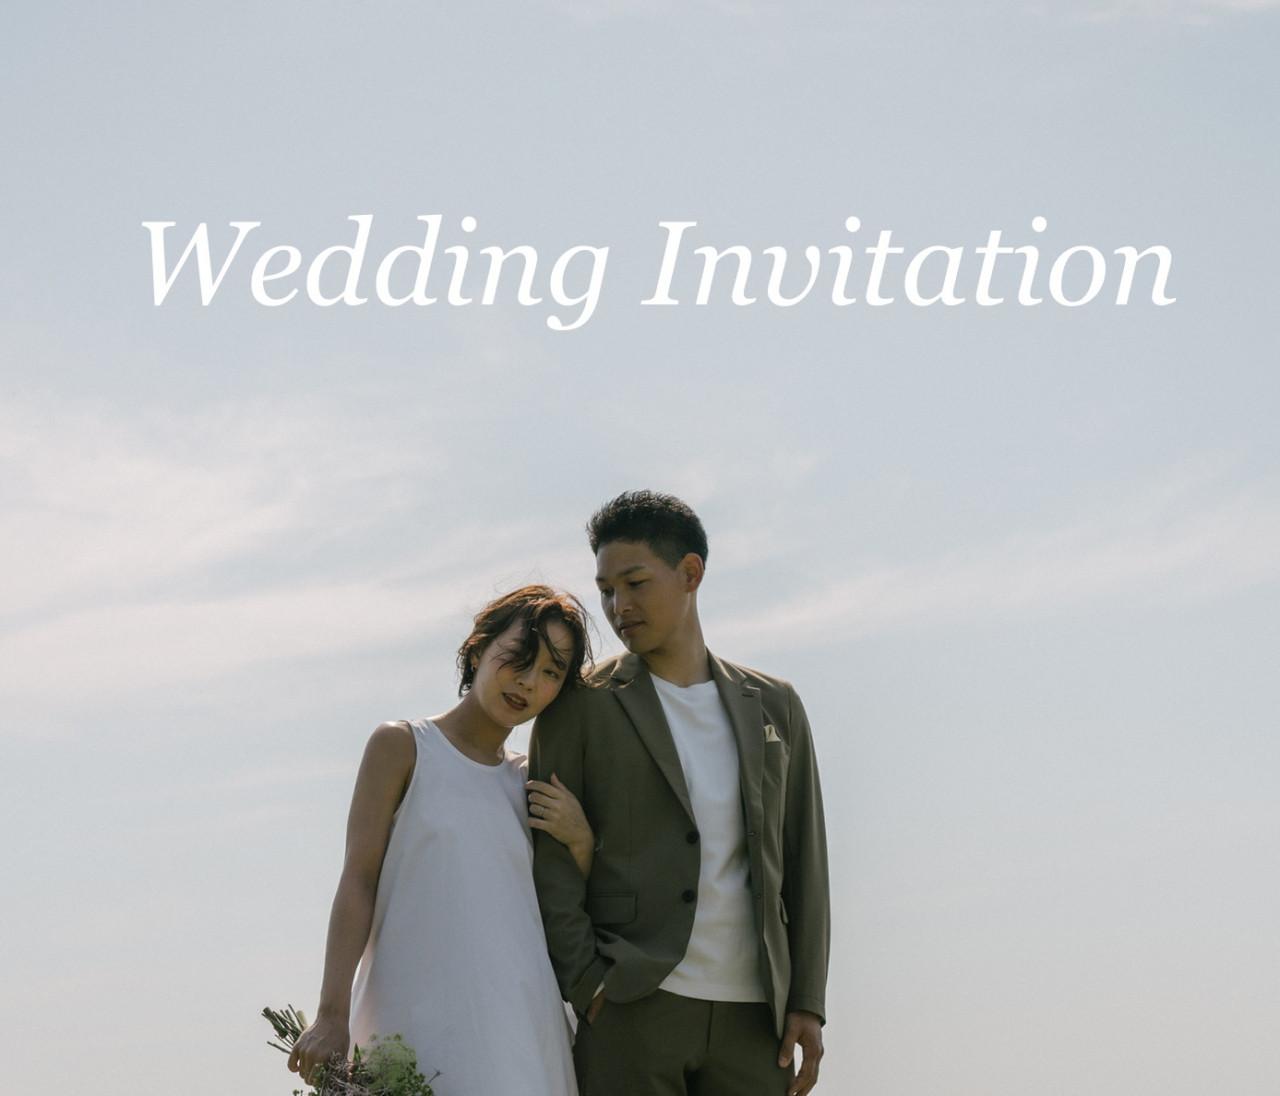 【Wedding】コロナ禍の今こそ時代に合ったweb招待状を♡